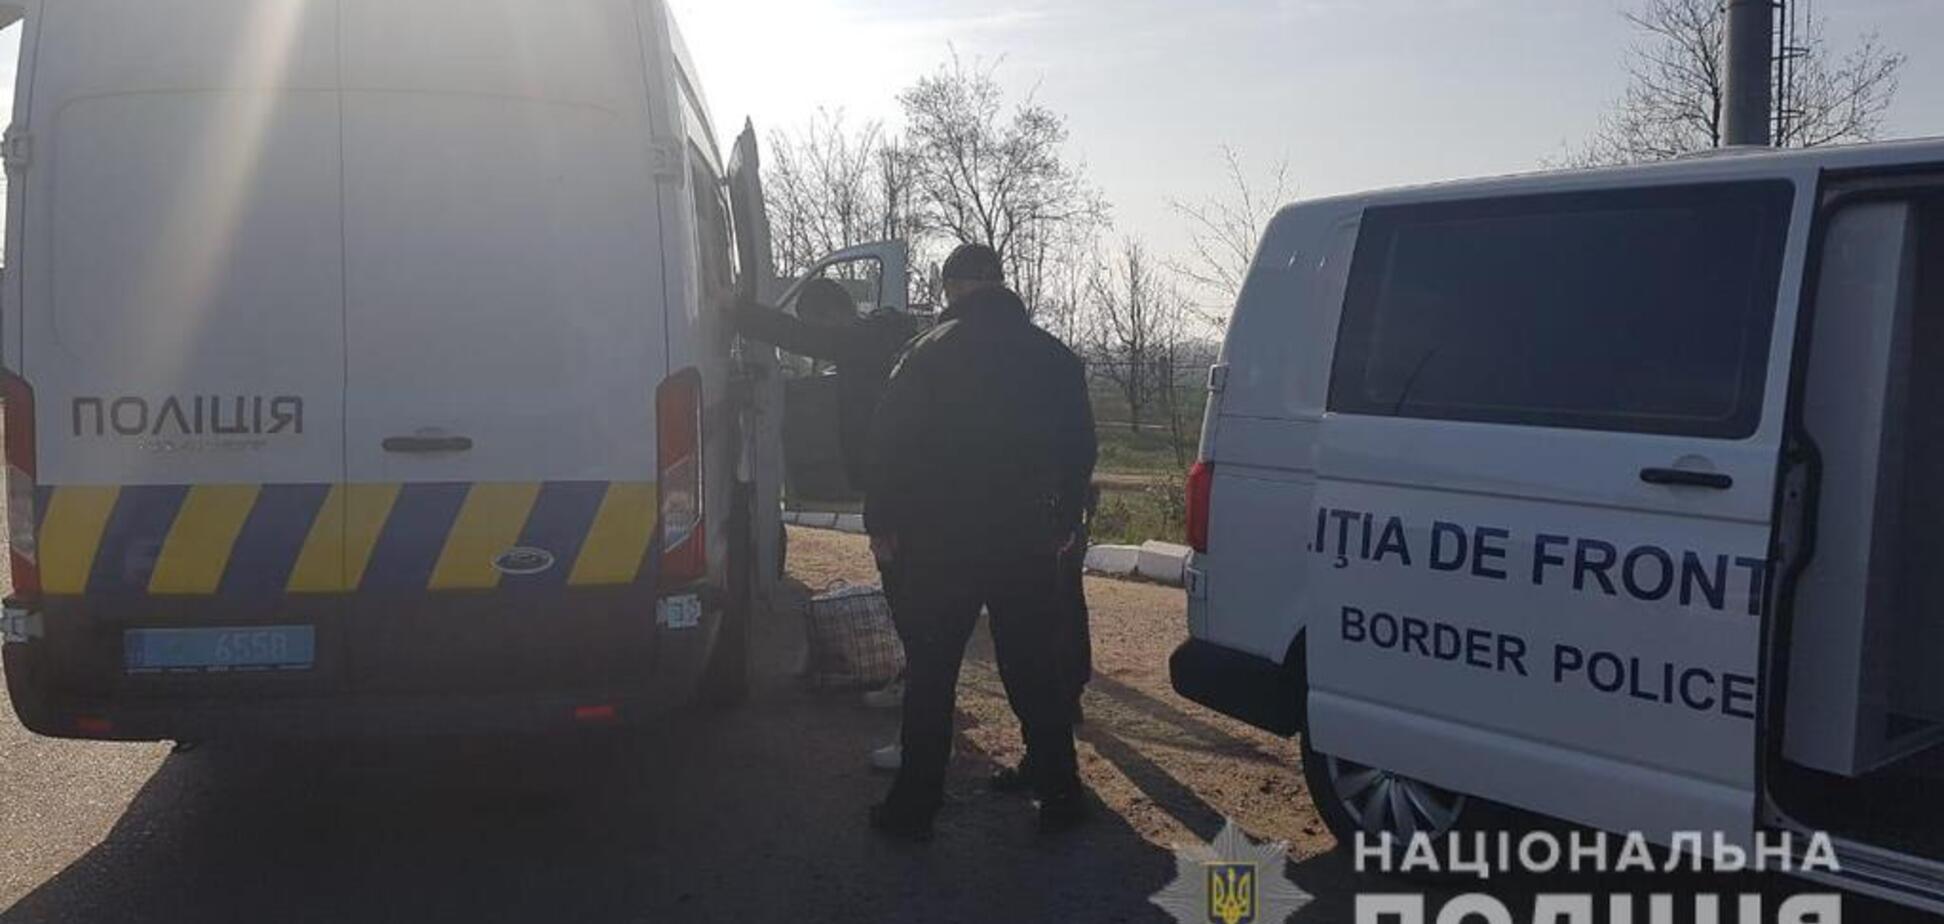 Дістали з Молдови! У Києві жорстко покарали педофіла: подробиці